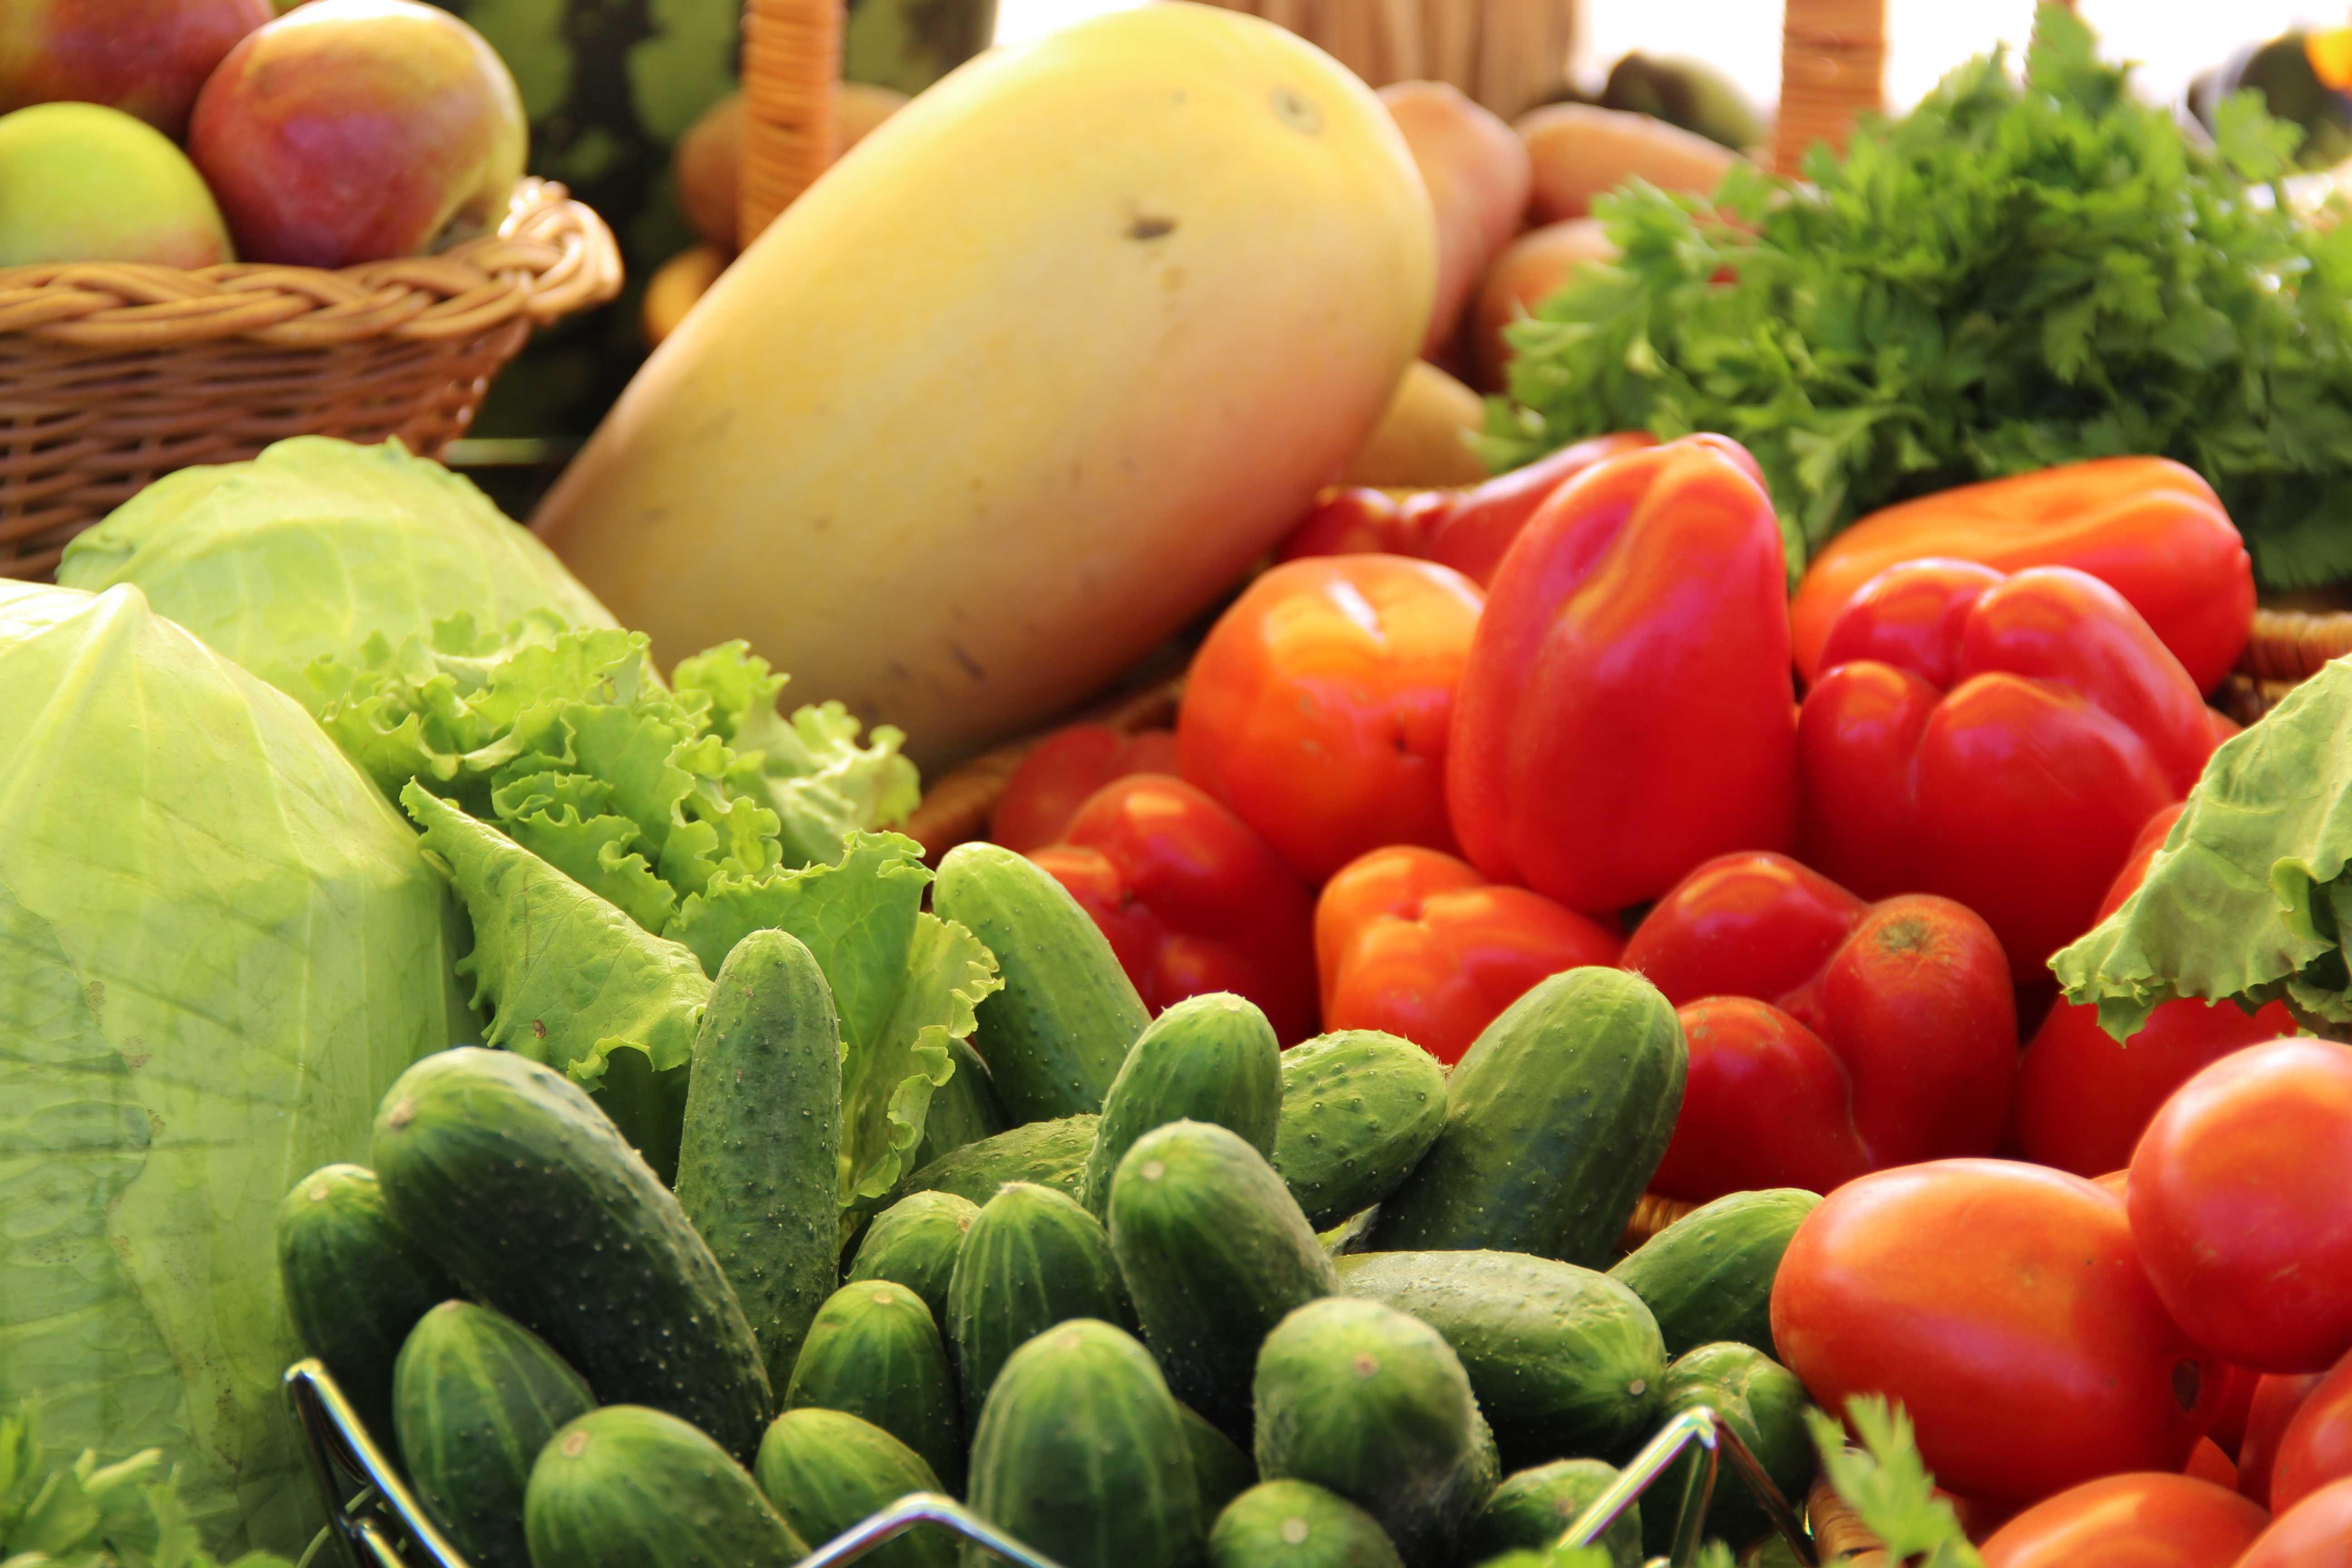 В Астраханской области испытывают новые сорта овощей